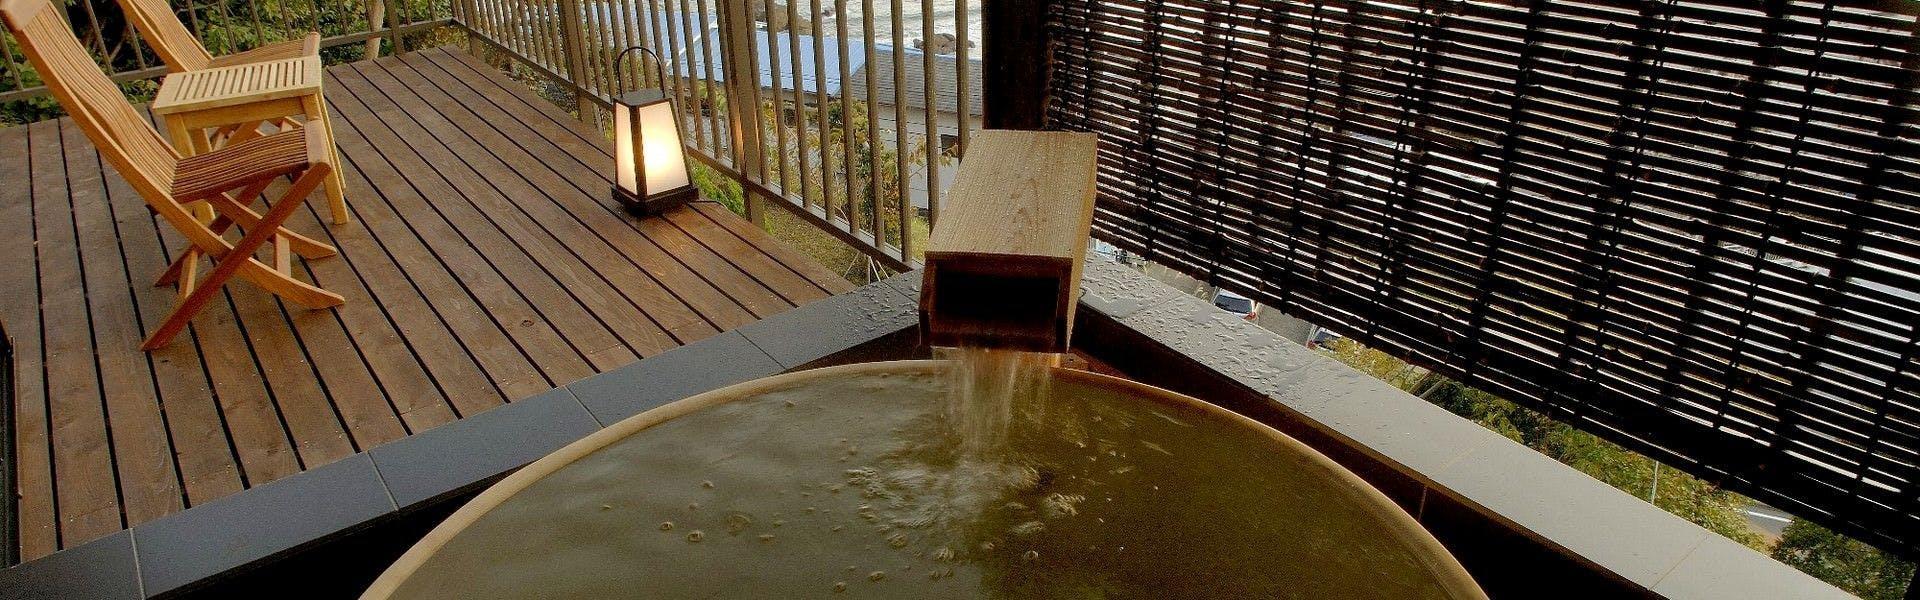 記念日におすすめのホテル・今井浜温泉 桐のかほり 咲楽の写真2